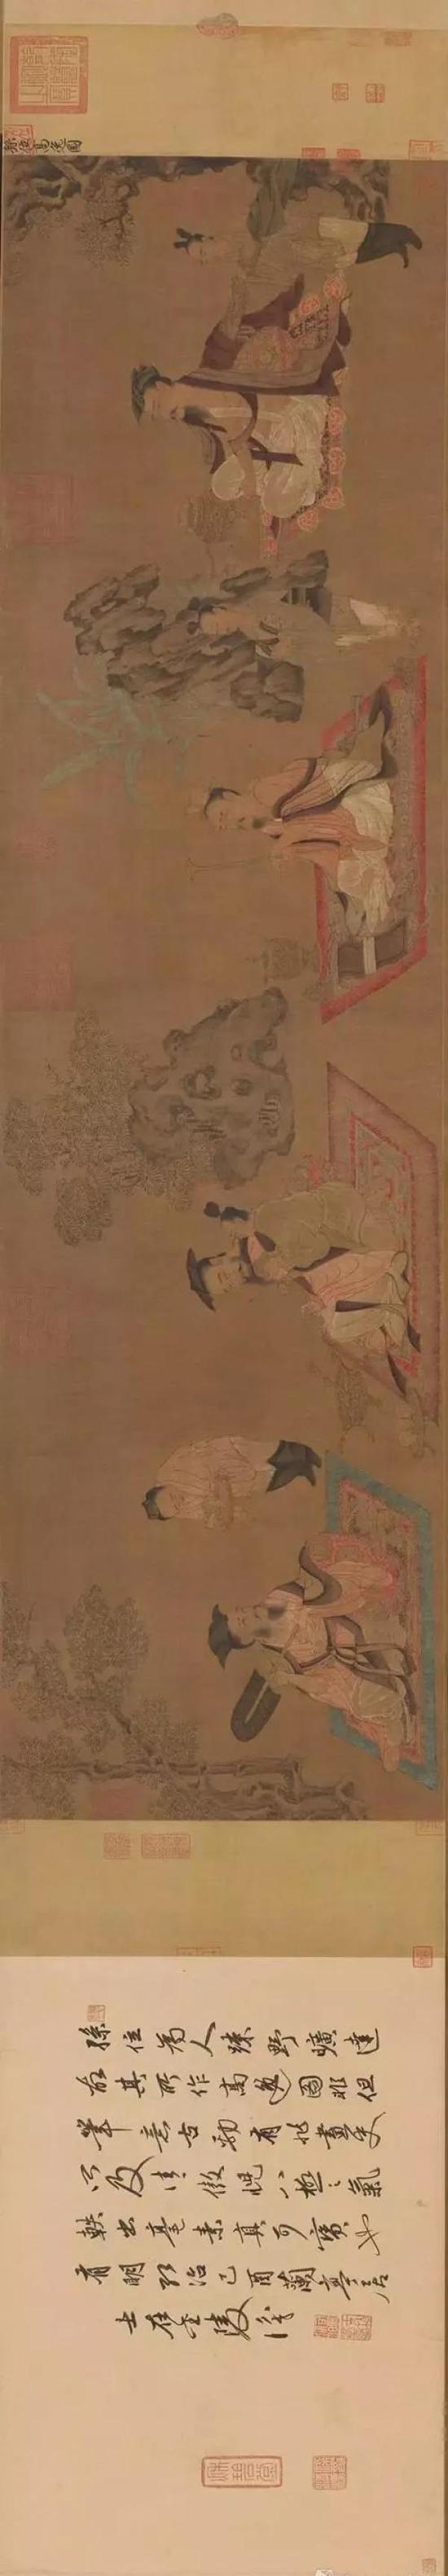 高逸图卷(请旋转屏幕观看) 唐 孙位 绢本设色 纵45.2cm,横168.7cm